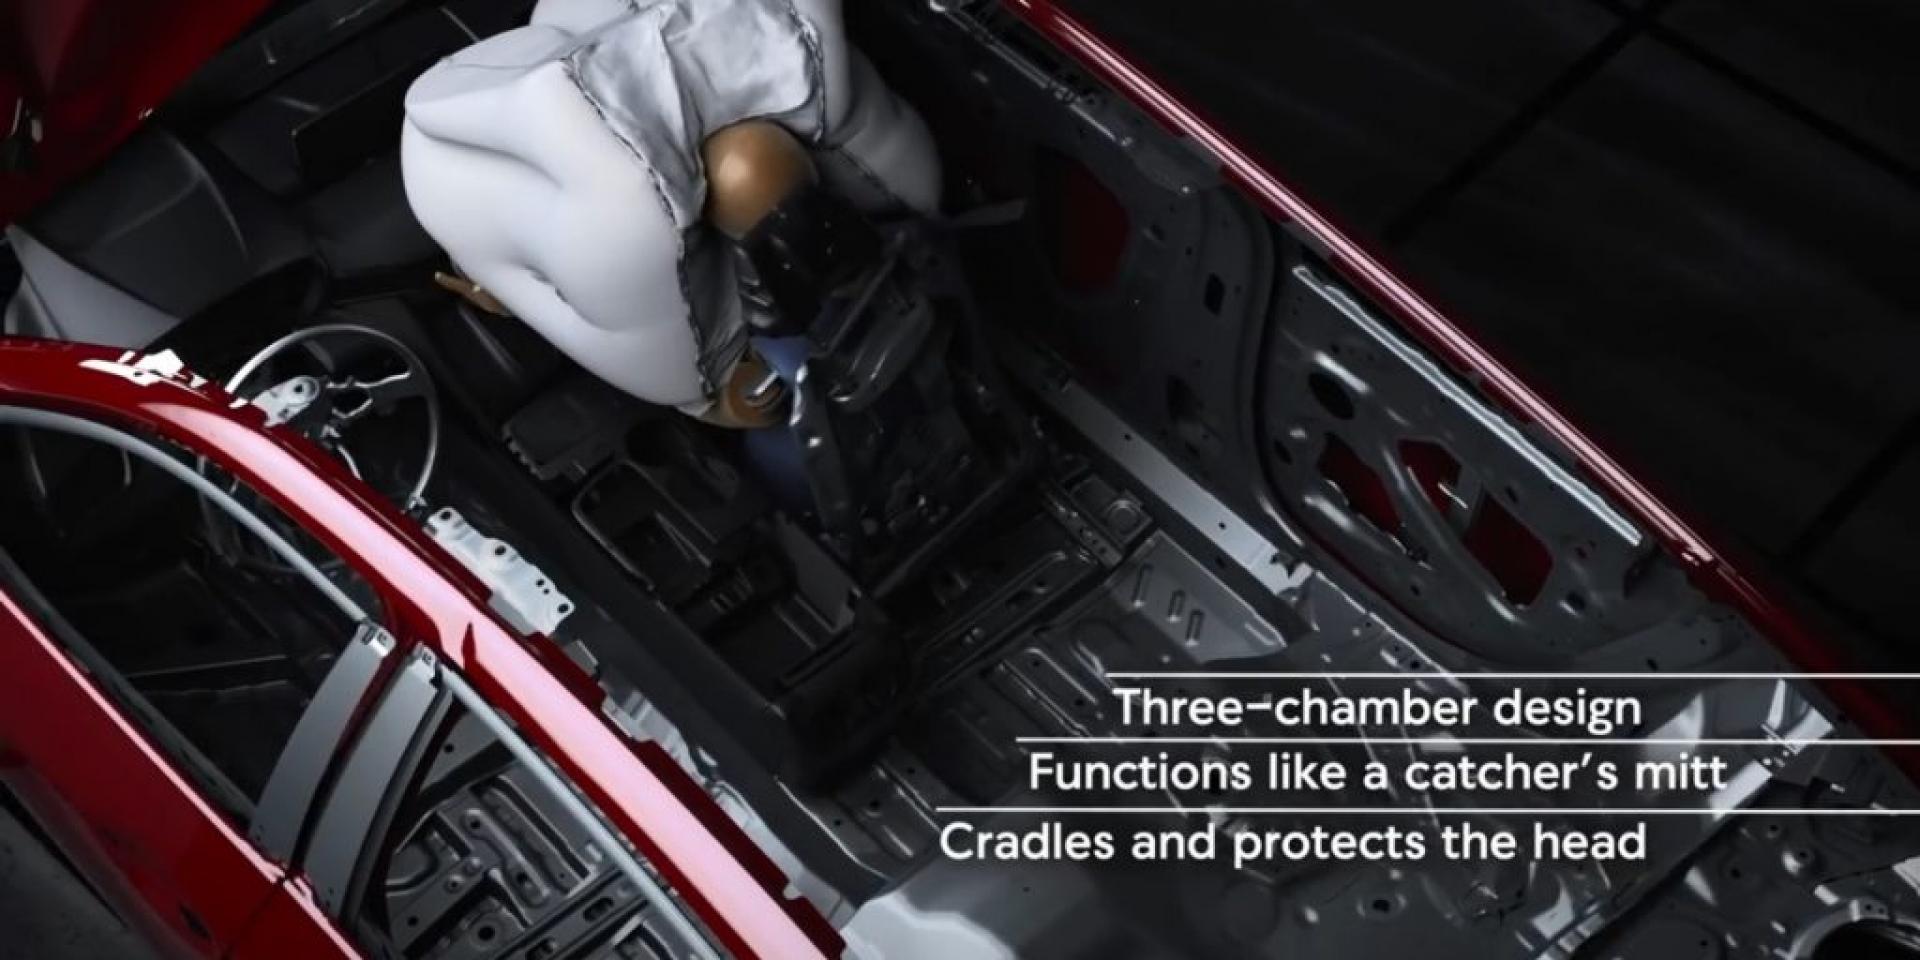 氣囊新技術!2021 Acura TLX搭載包覆式氣囊更安全!